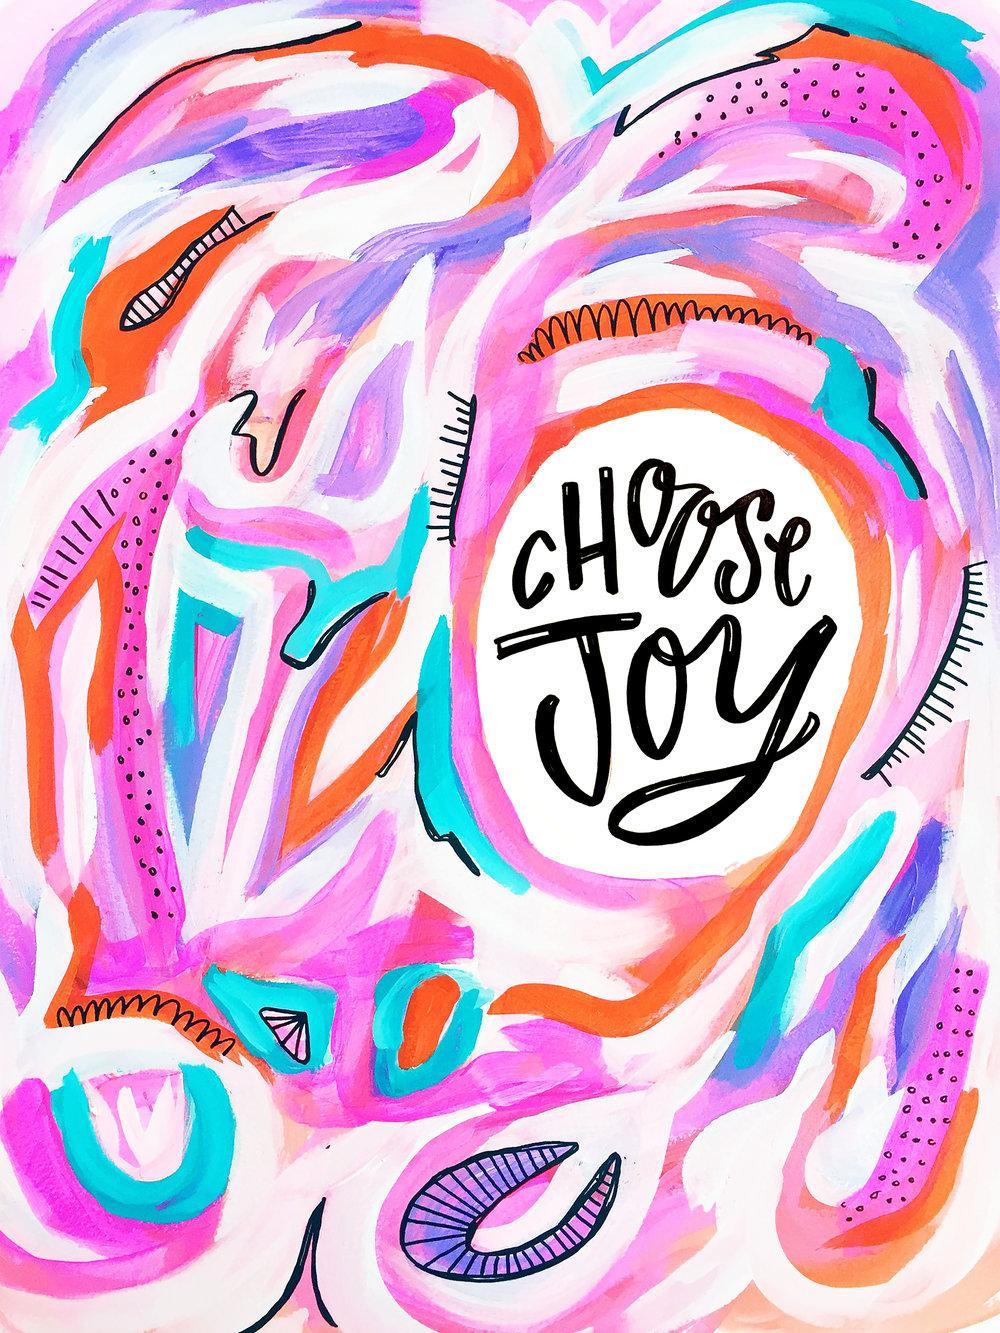 1/5/16: Joy